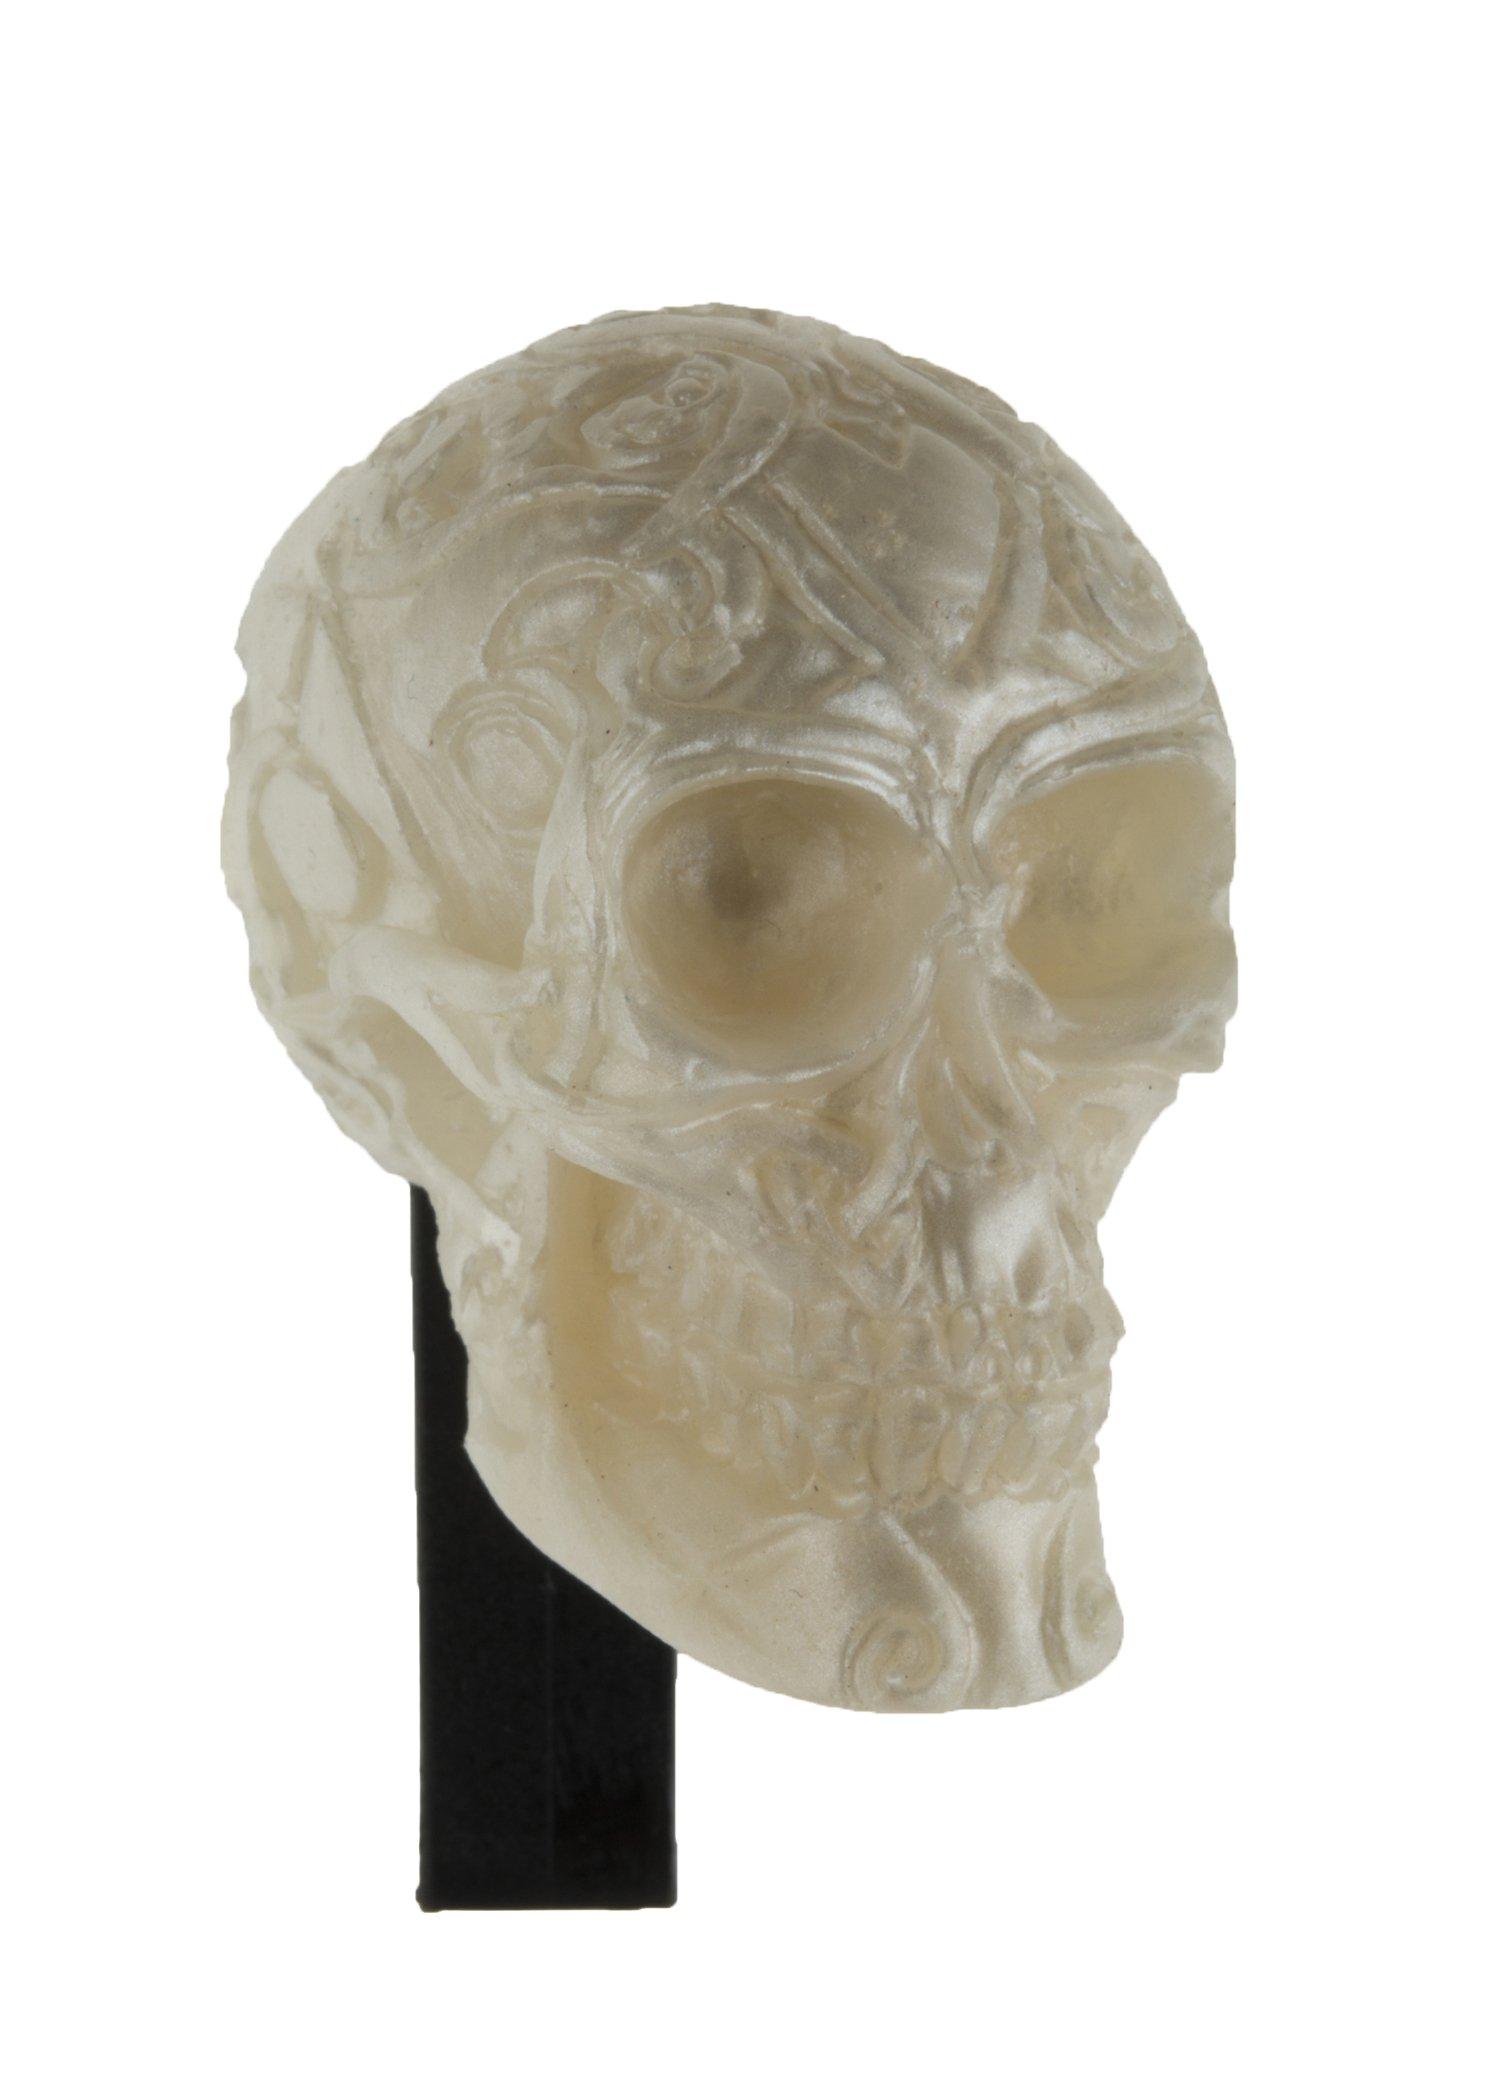 ExpressScent Skull Vent Clip Air Freshener (White - White Citrus) - 4 Pack